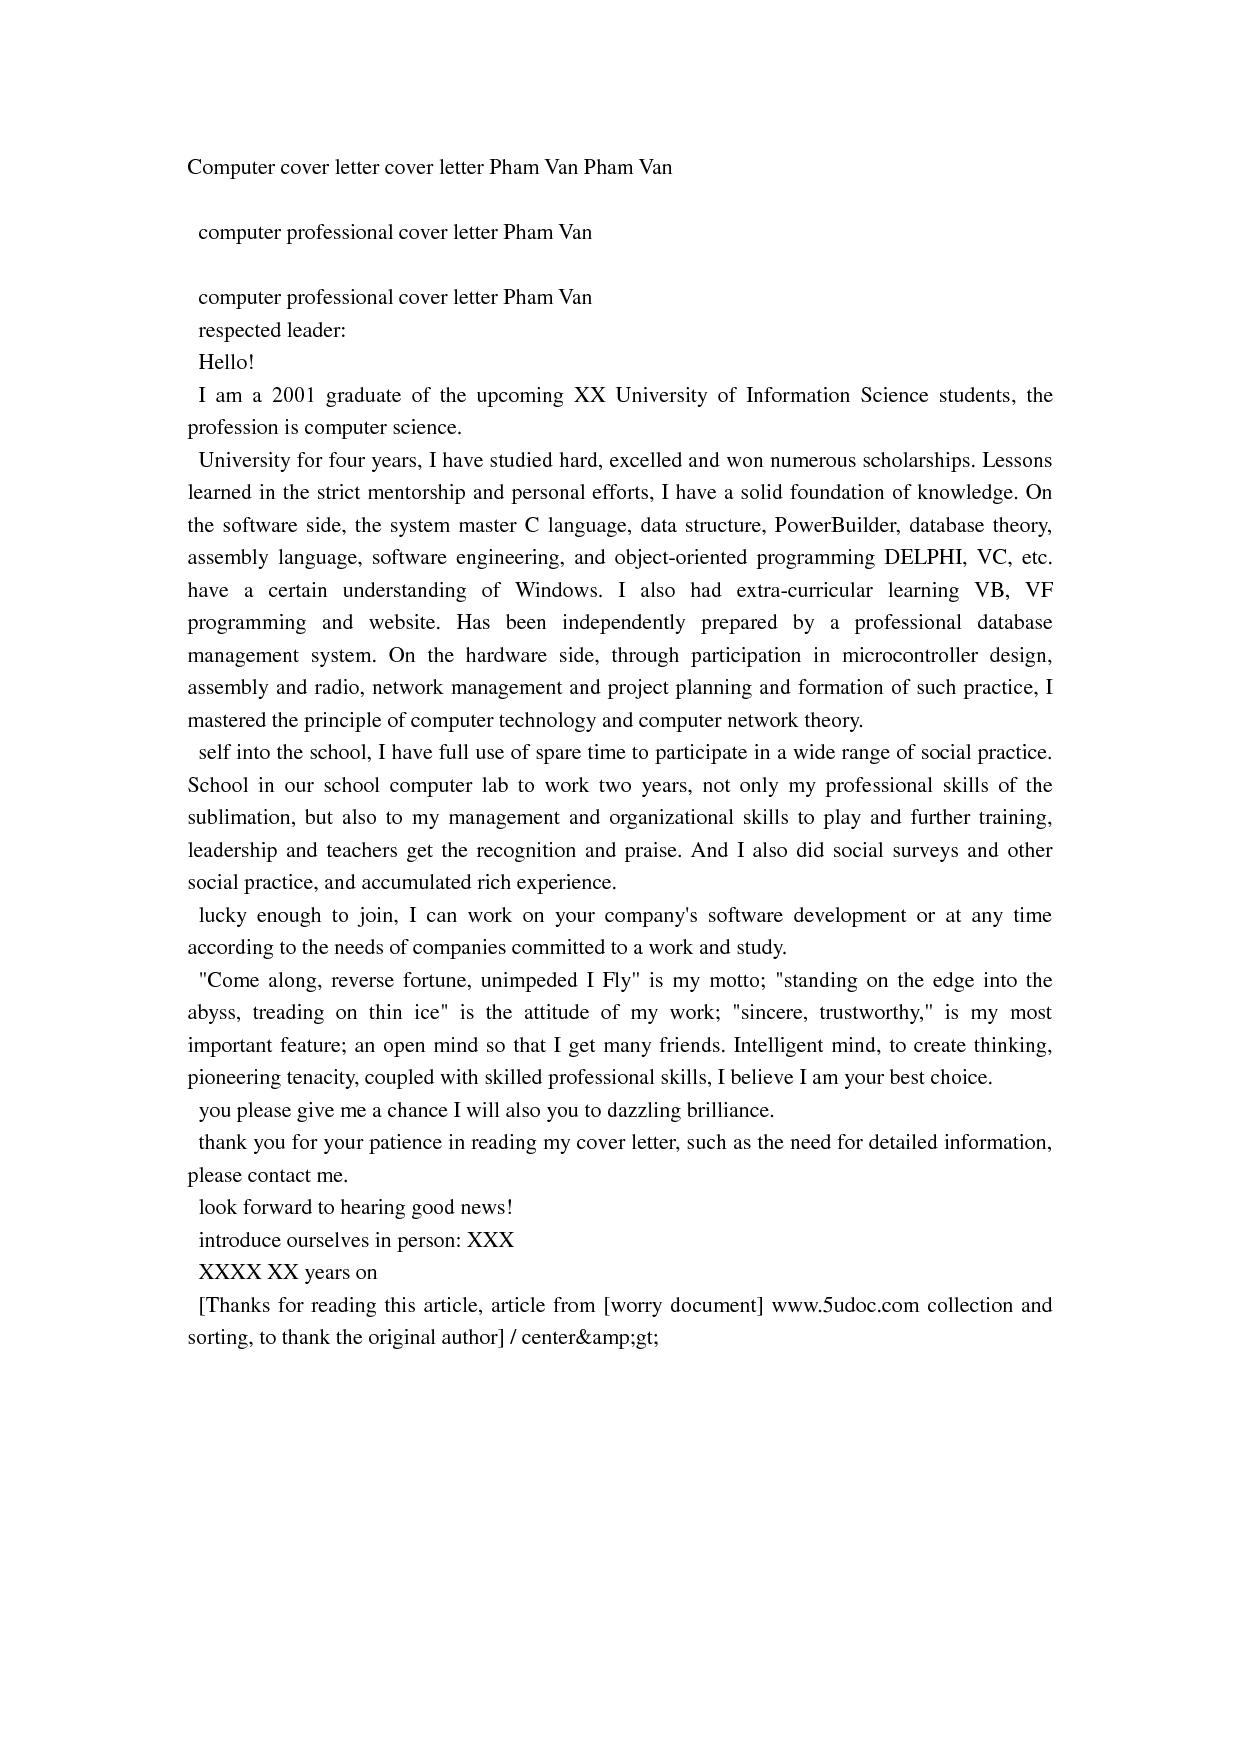 Computer Cover Letter Cover Letter Pham Van Pham Van Doc Doc By